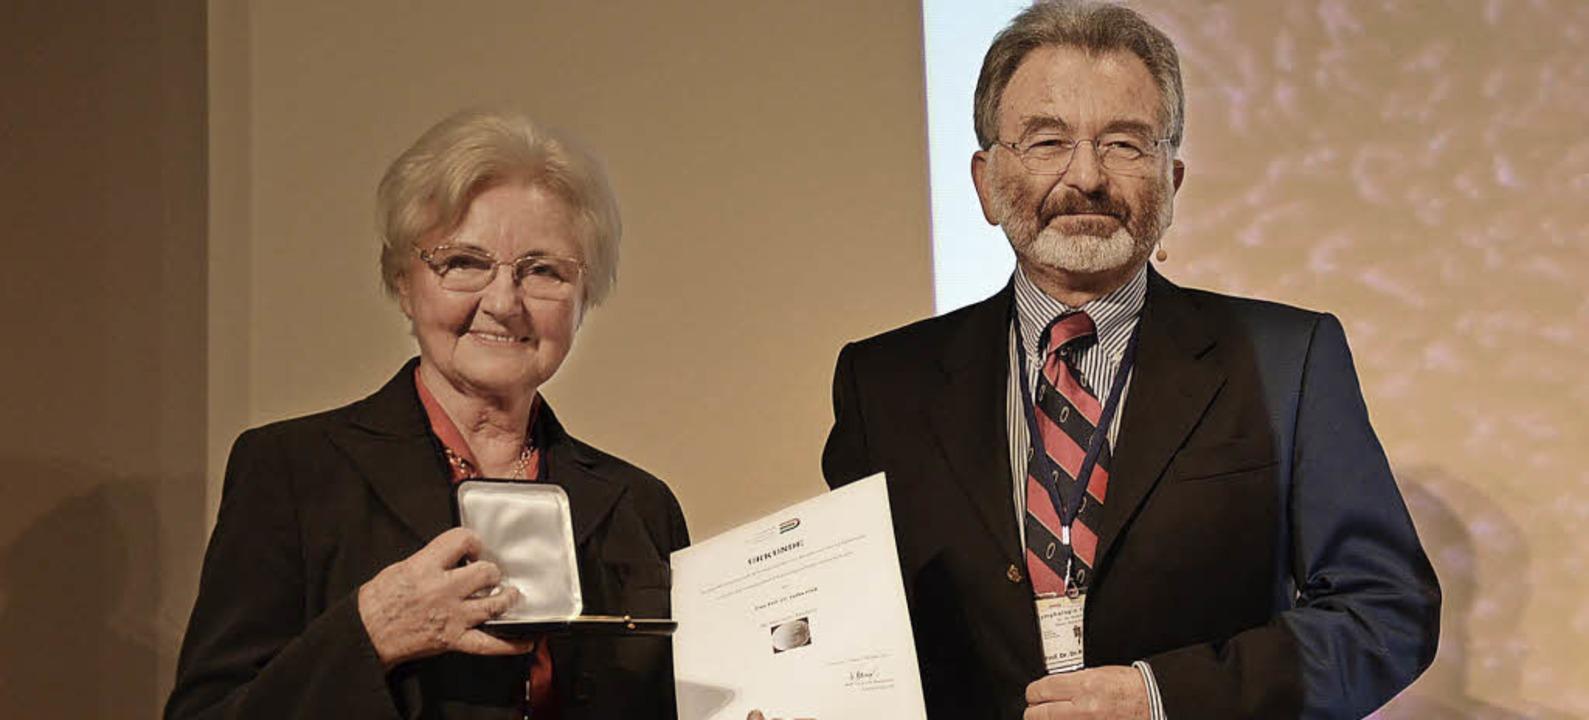 Etelka Földi wird für ihr  Wirken für die Lymphologie geehrt.   | Foto: Alexandra Wehrle